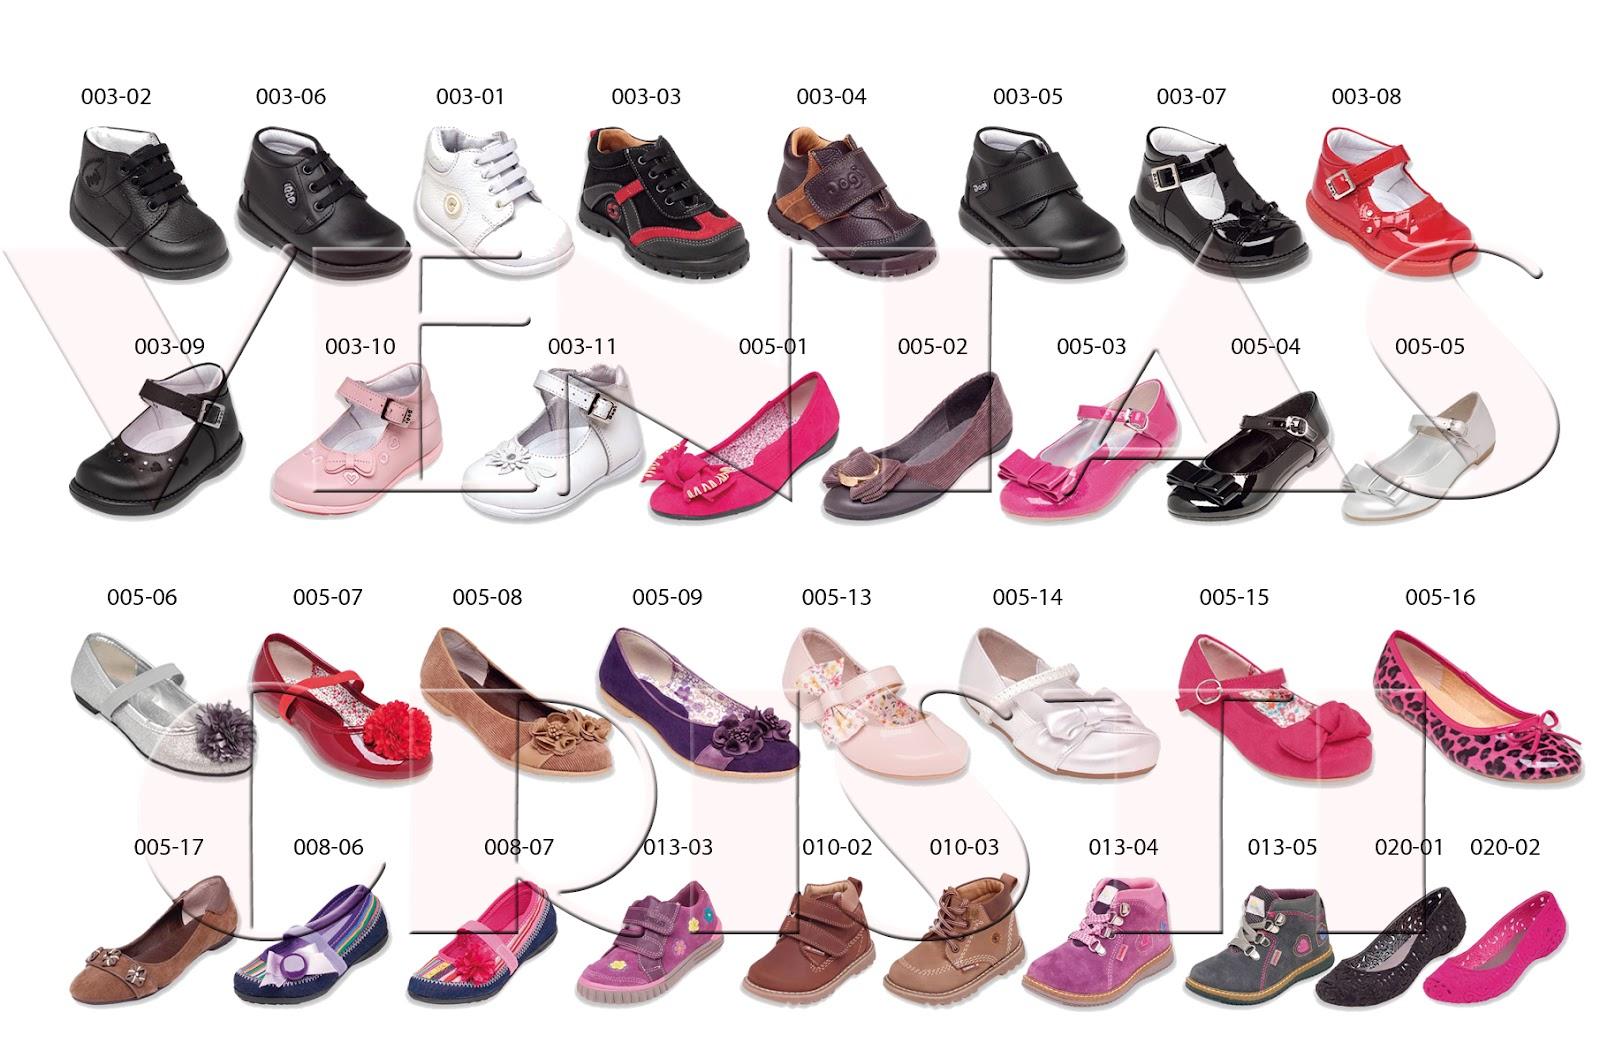 f37652be3 Venta de calzado de marca a mayoreo  CALZADO INFANTIL 2012